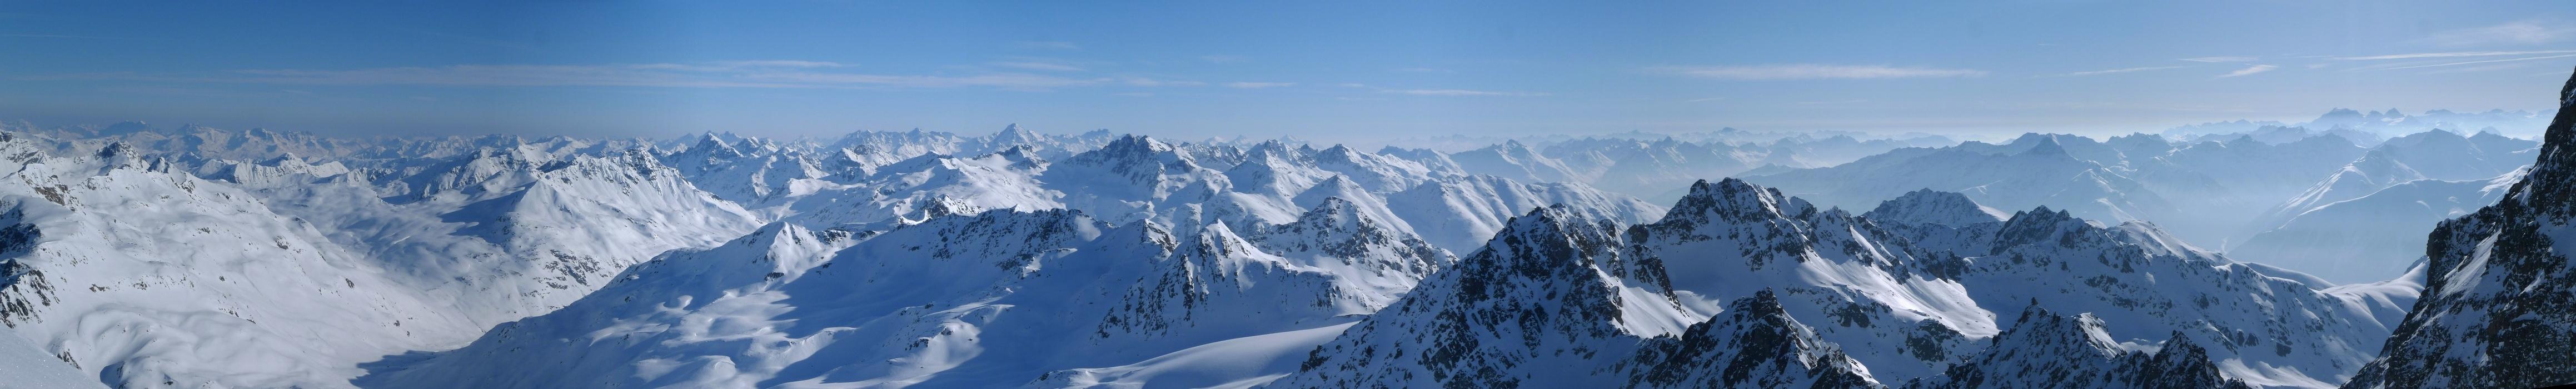 Piz Kech - Chamanna Es-cha Albula Alpen Switzerland panorama 01